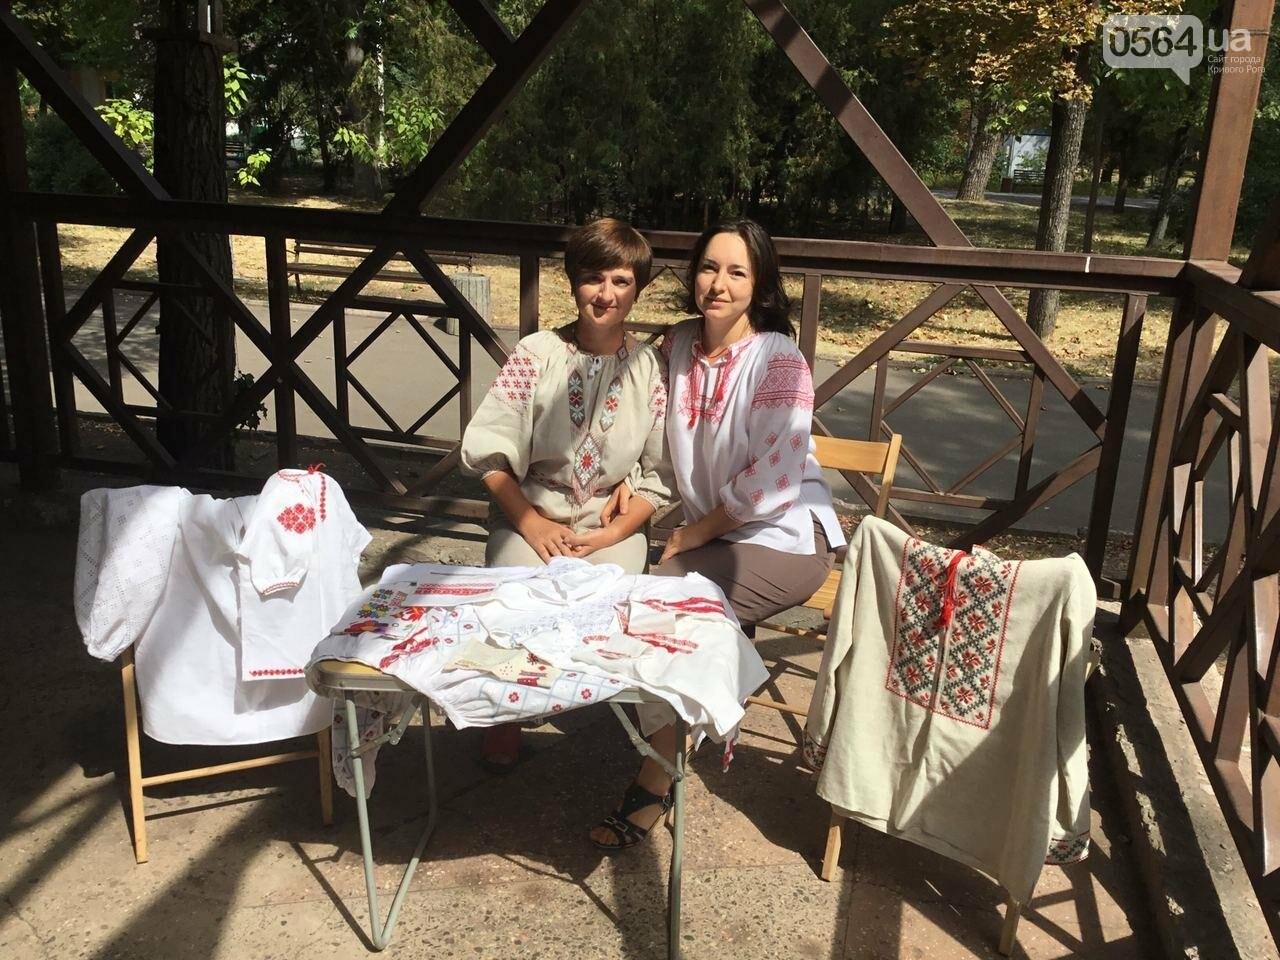 Криворожские вышивальщицы готовят сюрприз для родного города, - ФОТО, ВИДЕО, фото-8